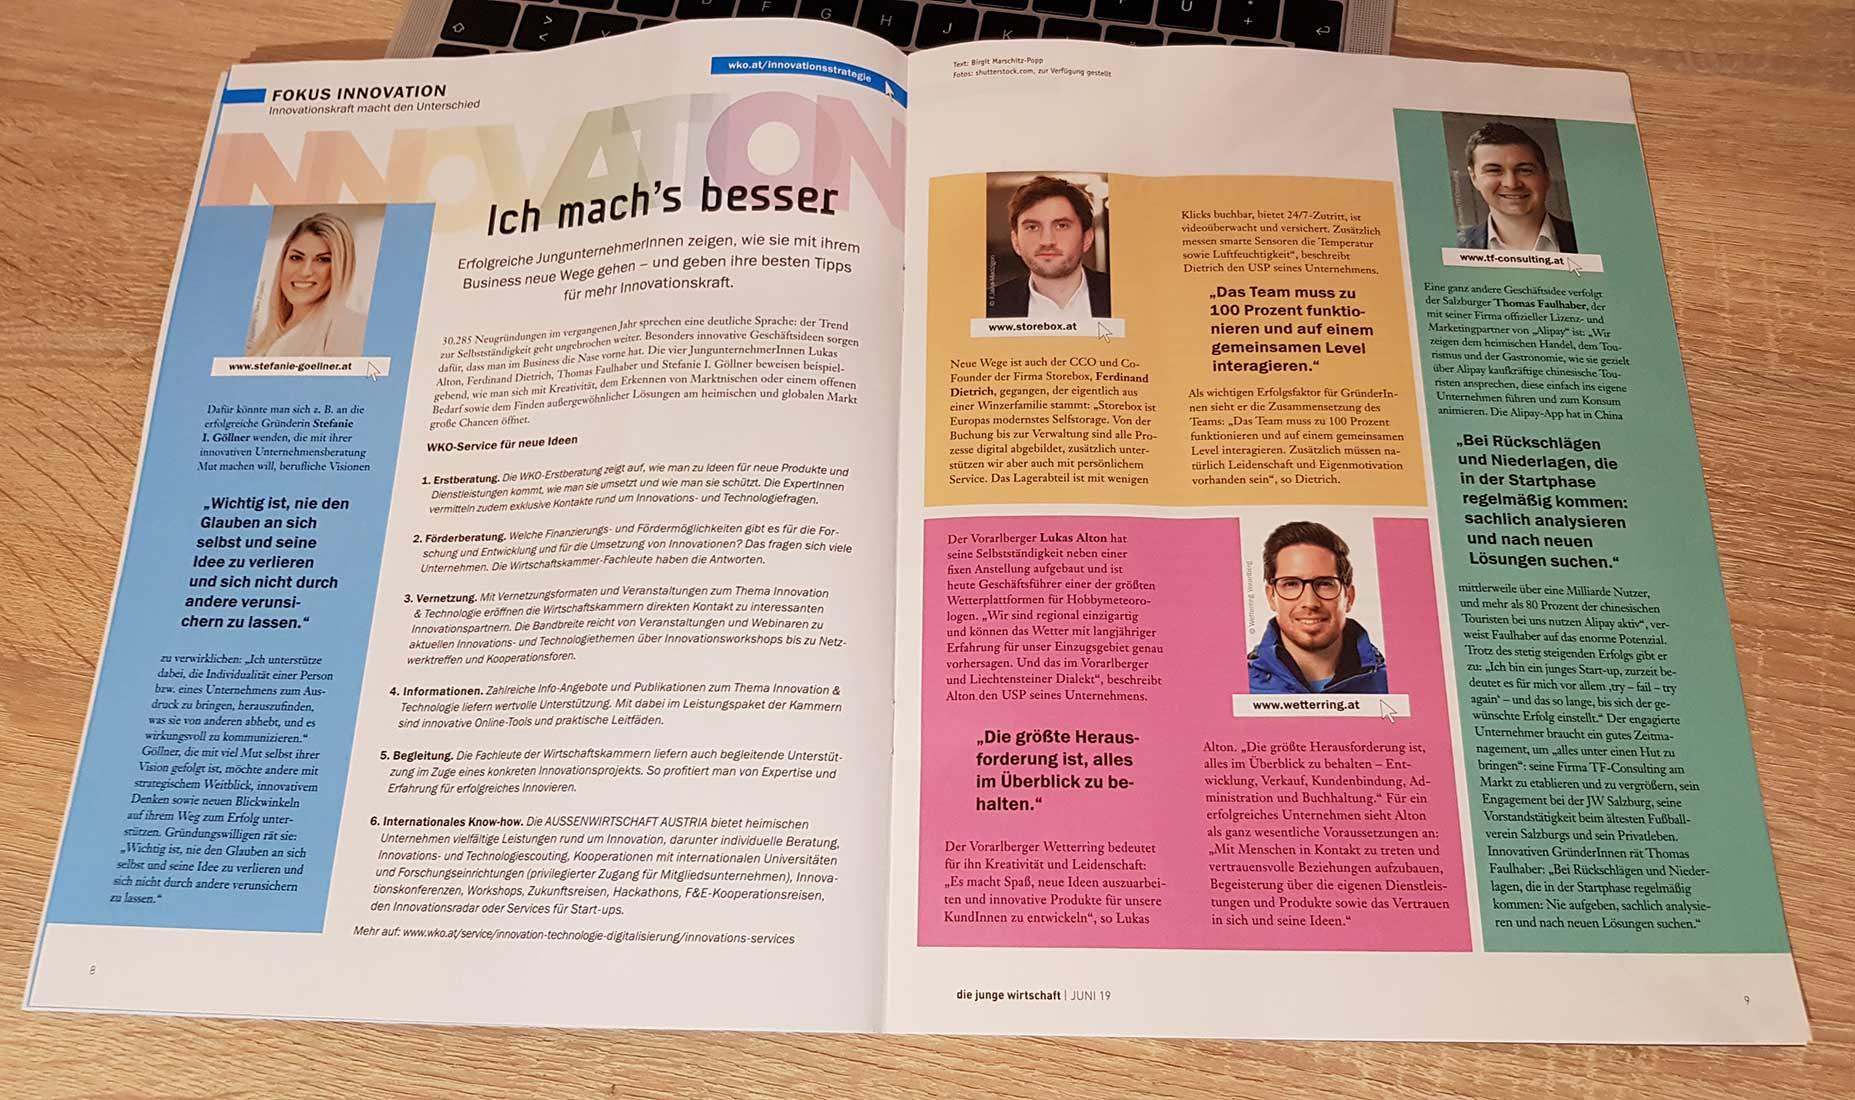 business beratung salzburg - stefanie göllner - Unternehmensberterin Salzburg